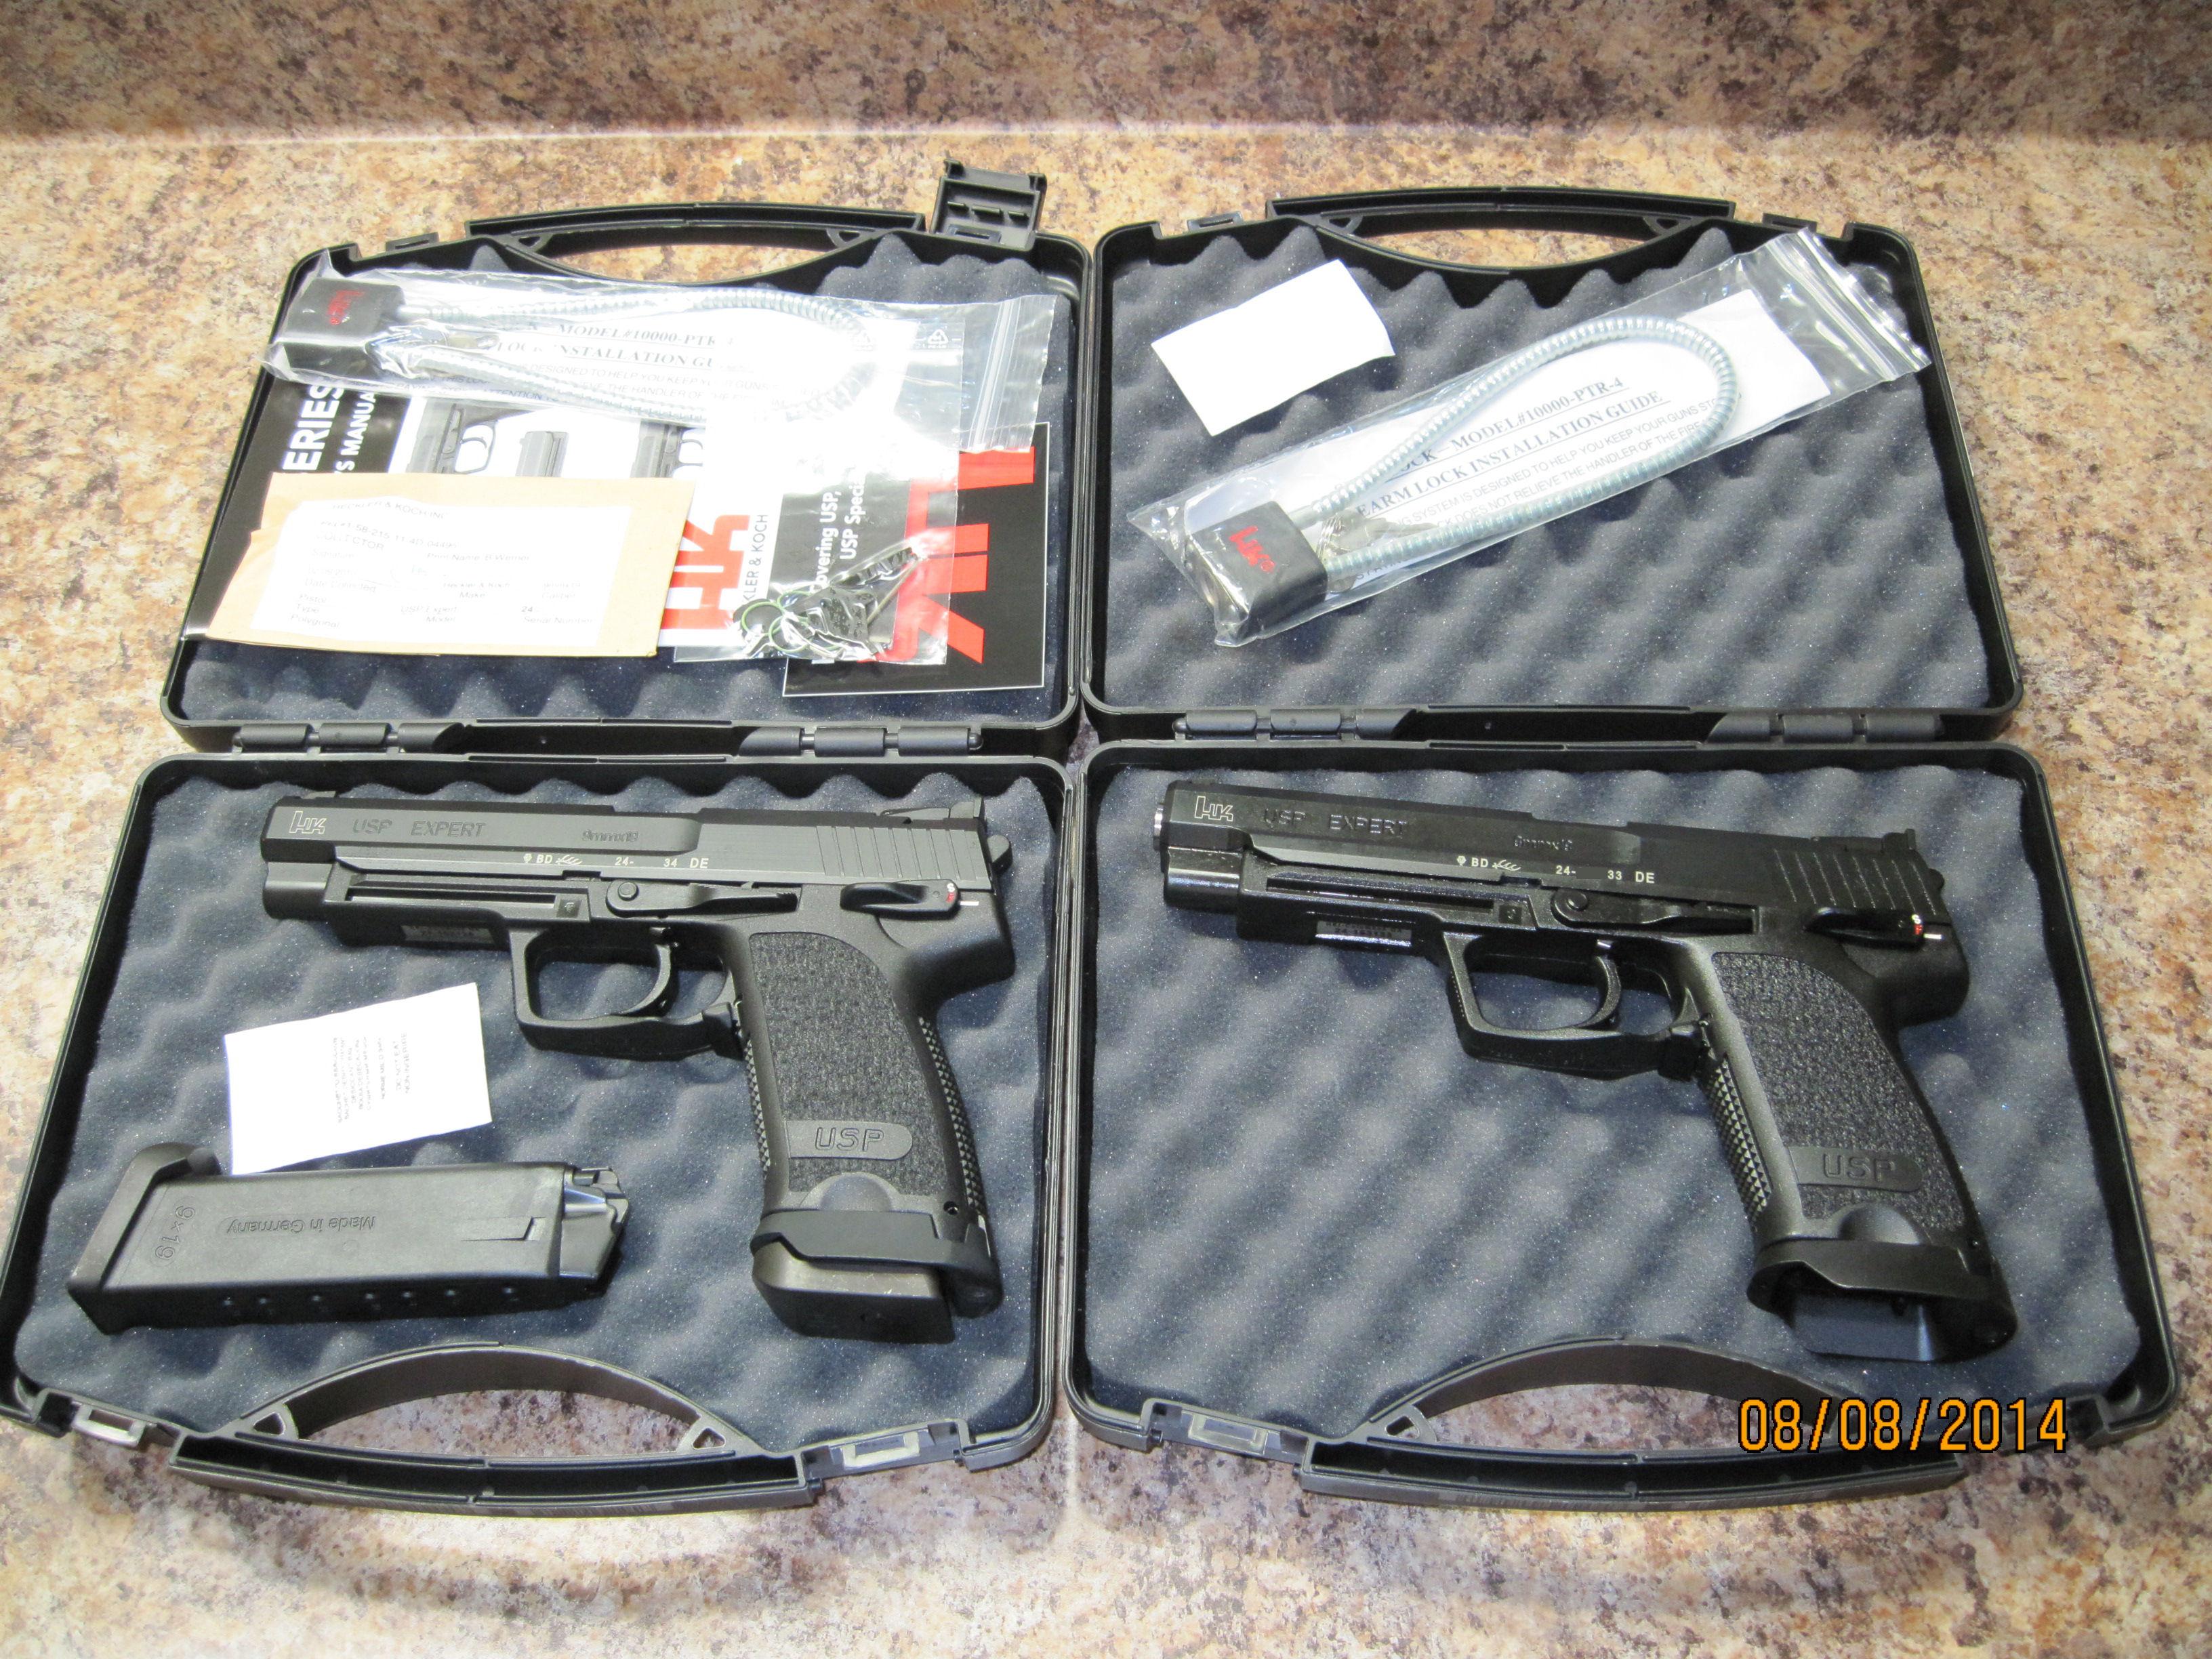 Let's See Your USP's!-hk-usp-elite-9mm-ii-img_0462.jpg